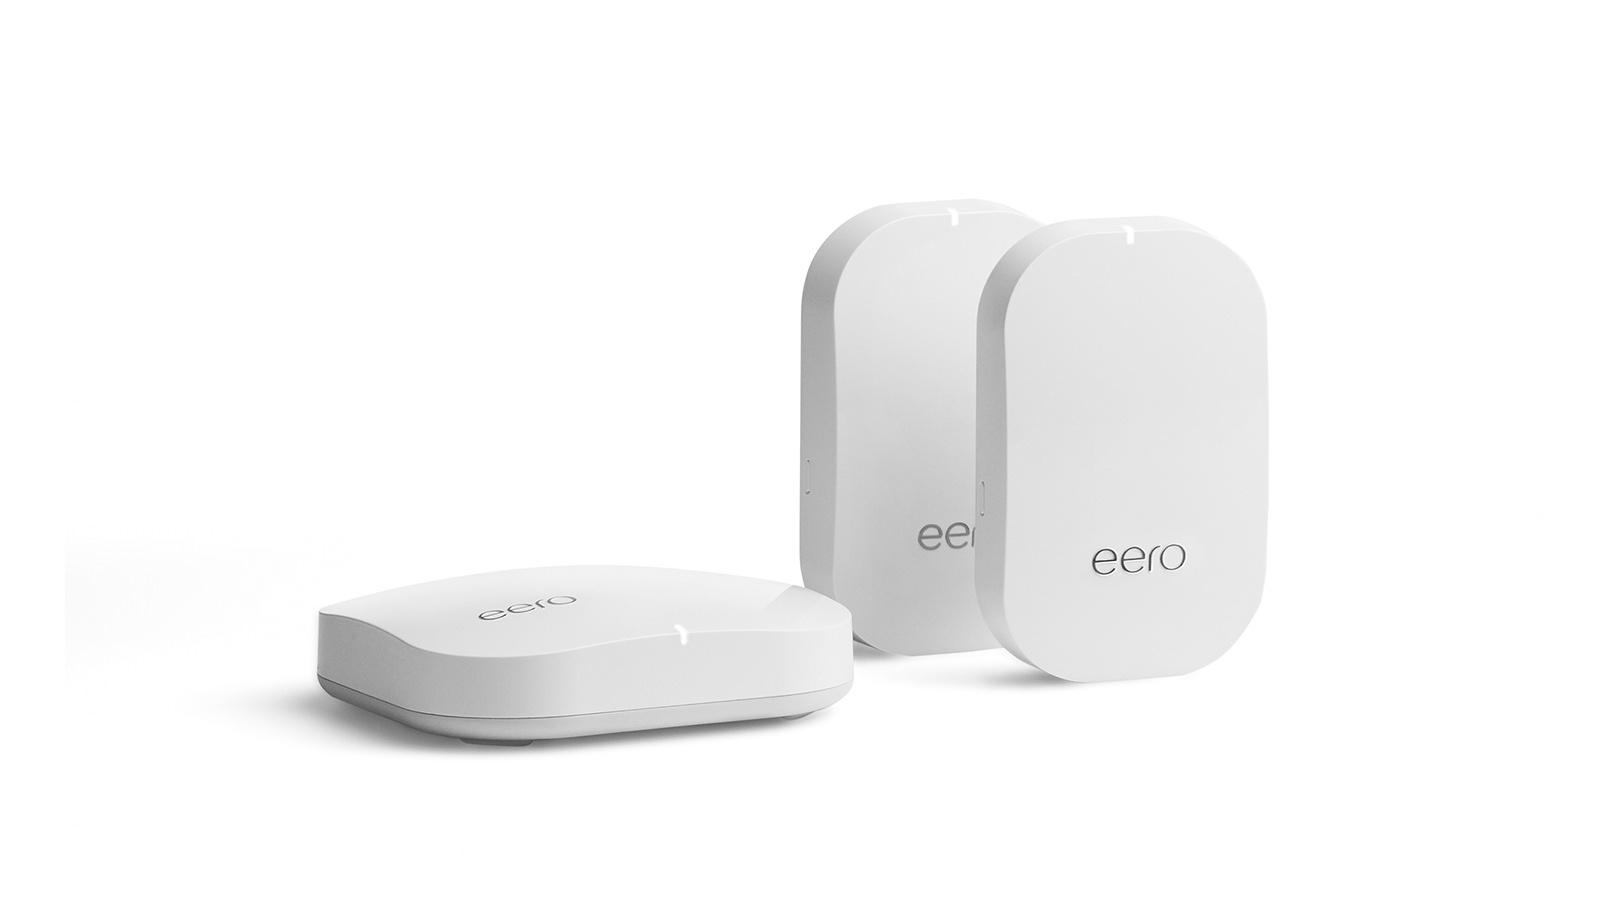 نموذج الدور المحتمل لـ Google: Eero mesh router مع إشارات